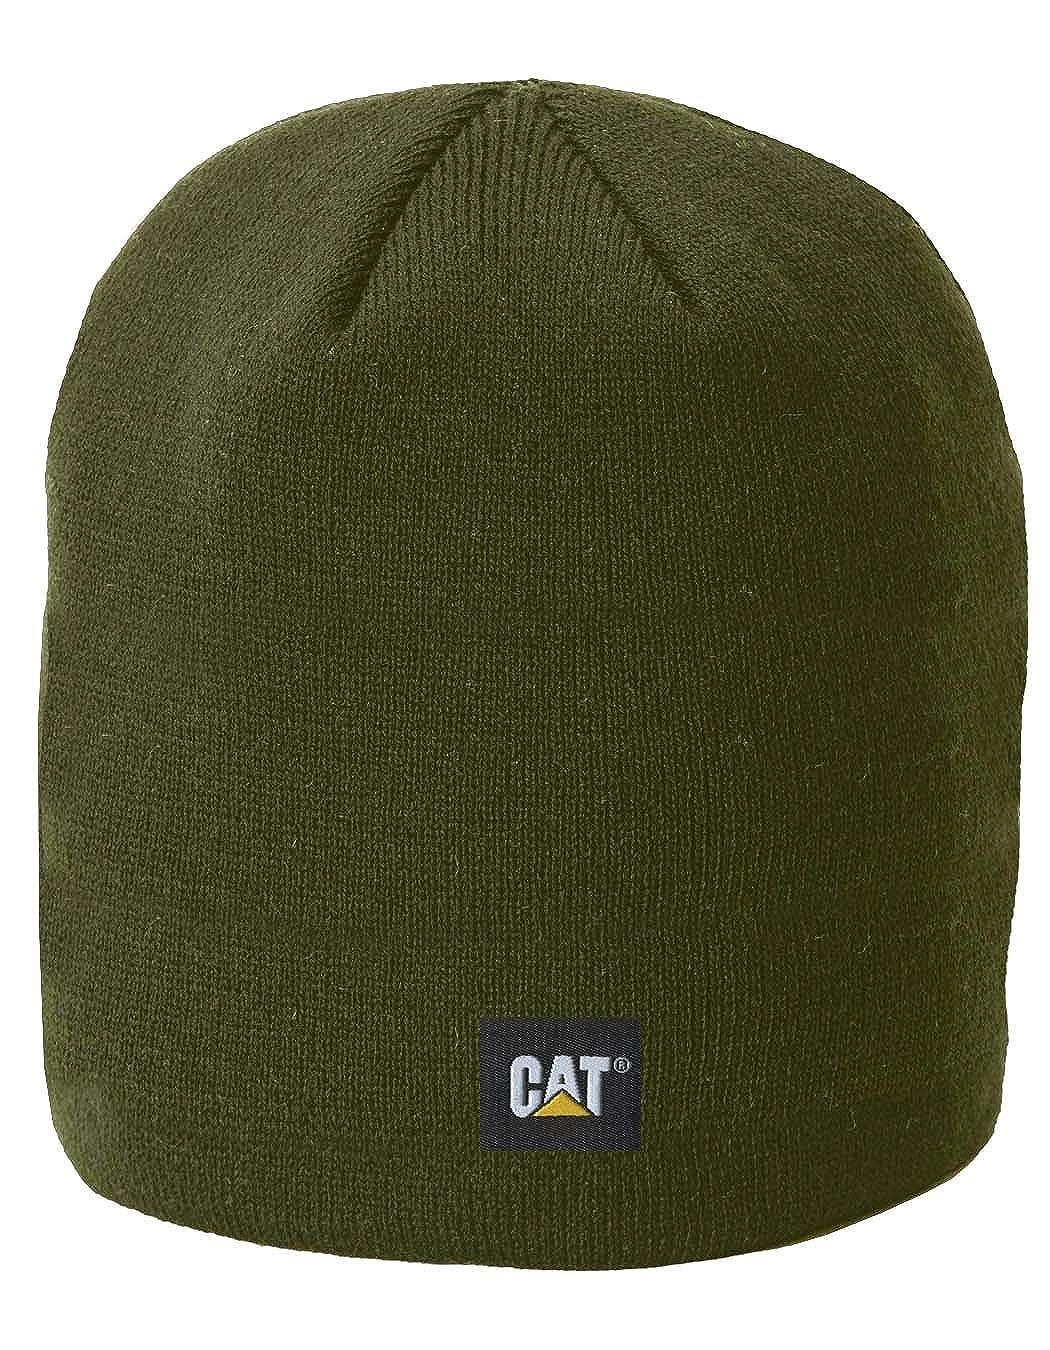 c2424a14e8b1 Caterpillar Men s Logo Knit Cap